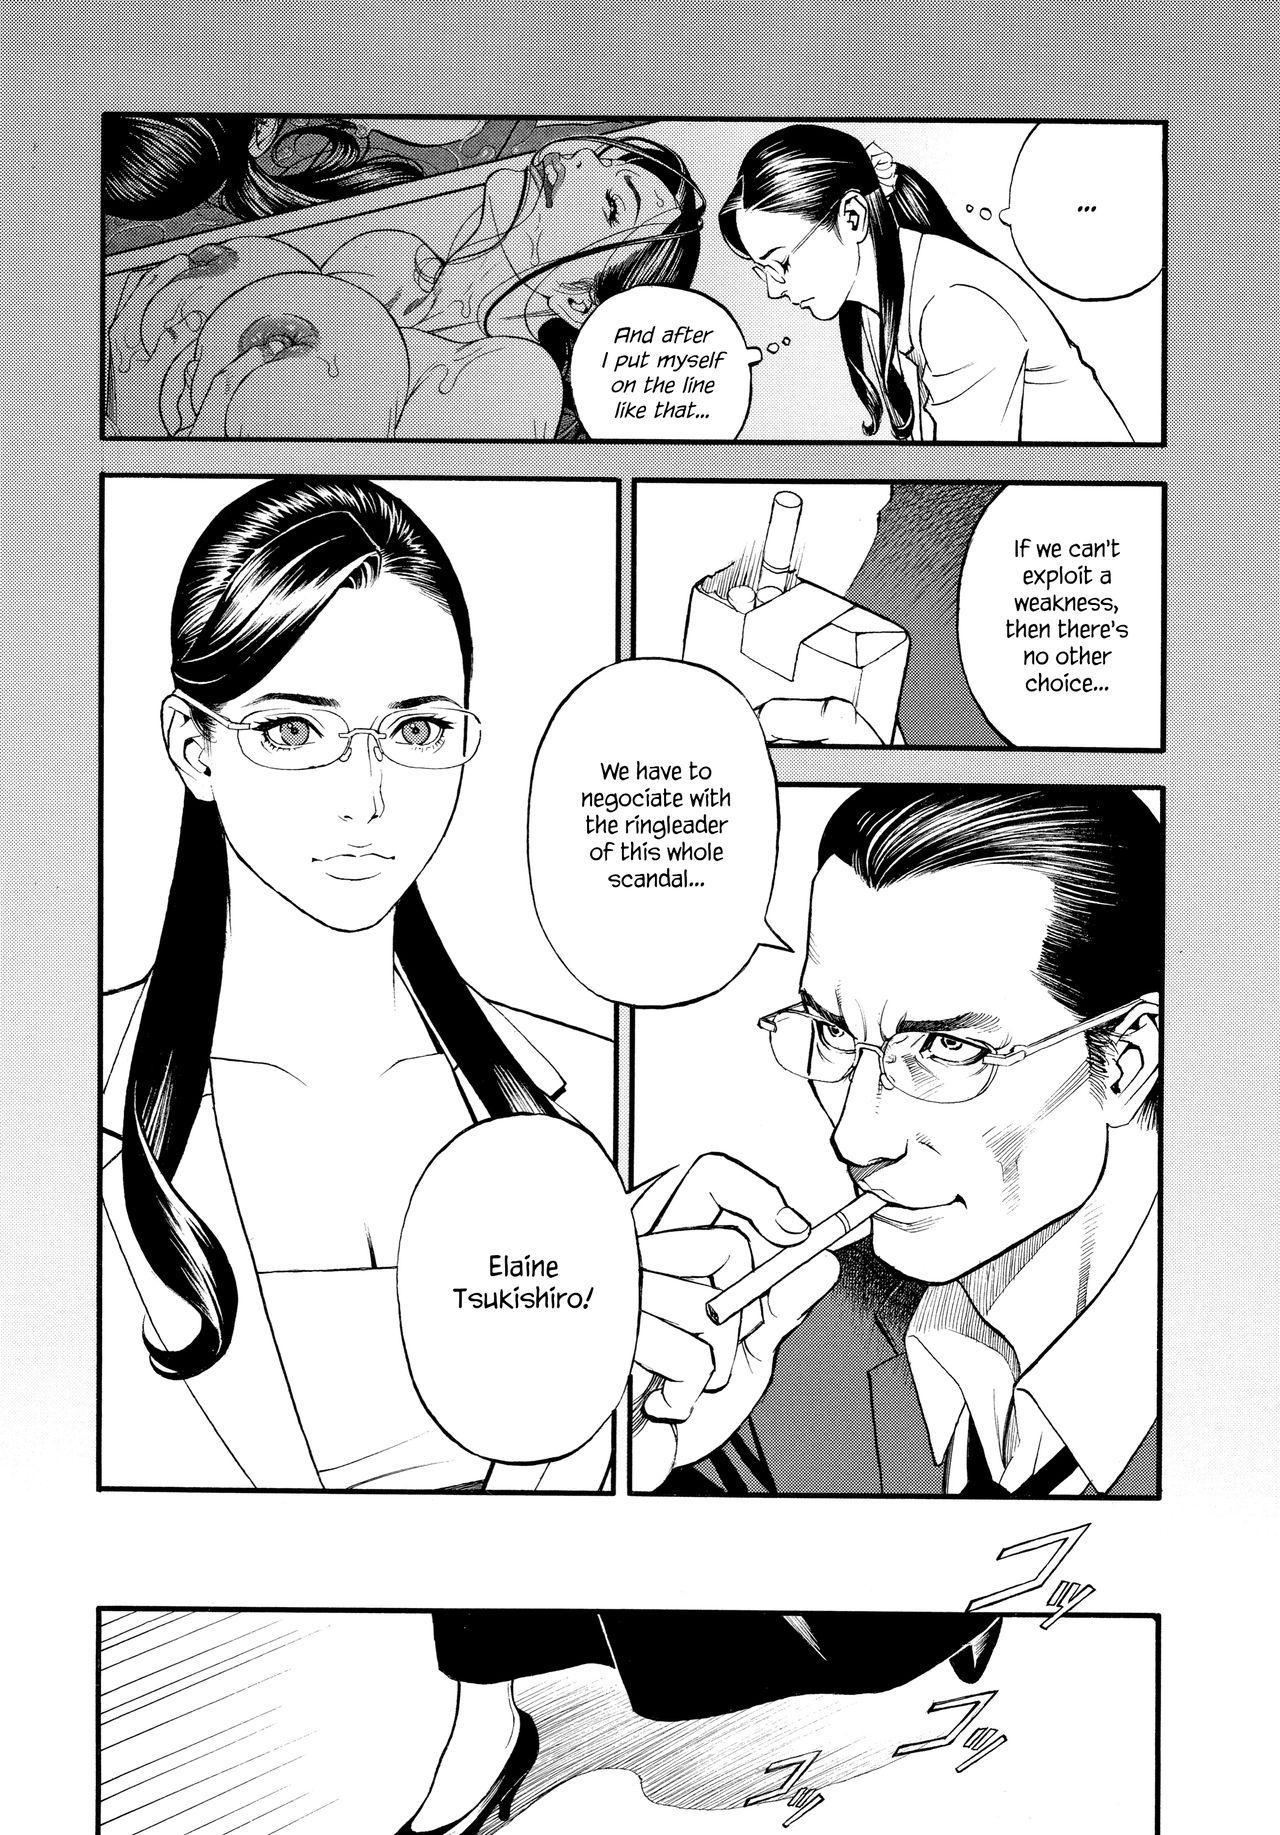 InY Akajuutan + Omake 134